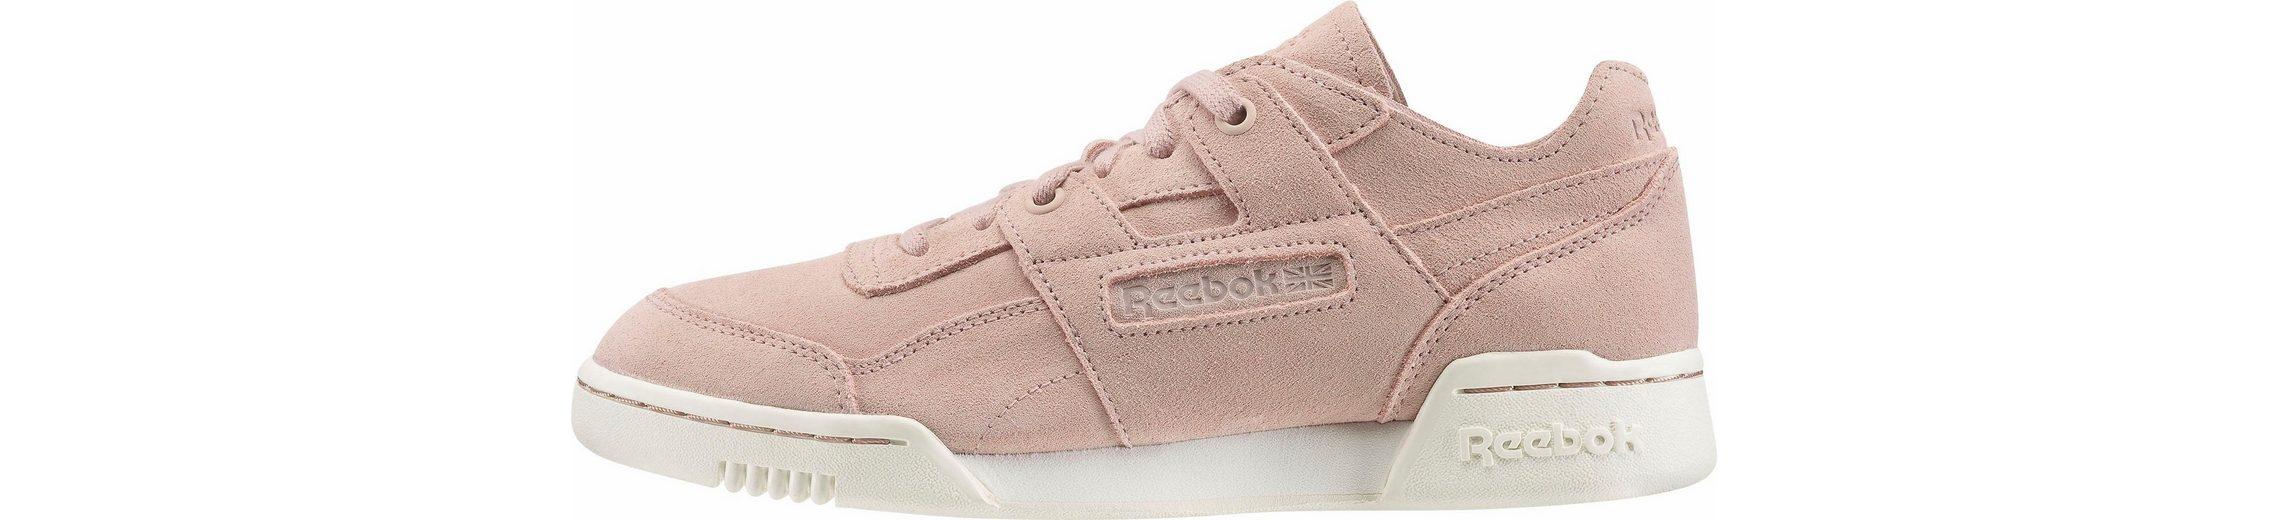 Reebok Classic WORKOUT LO PLUS FBT Sneaker Spielraum Echt Na2L5id6